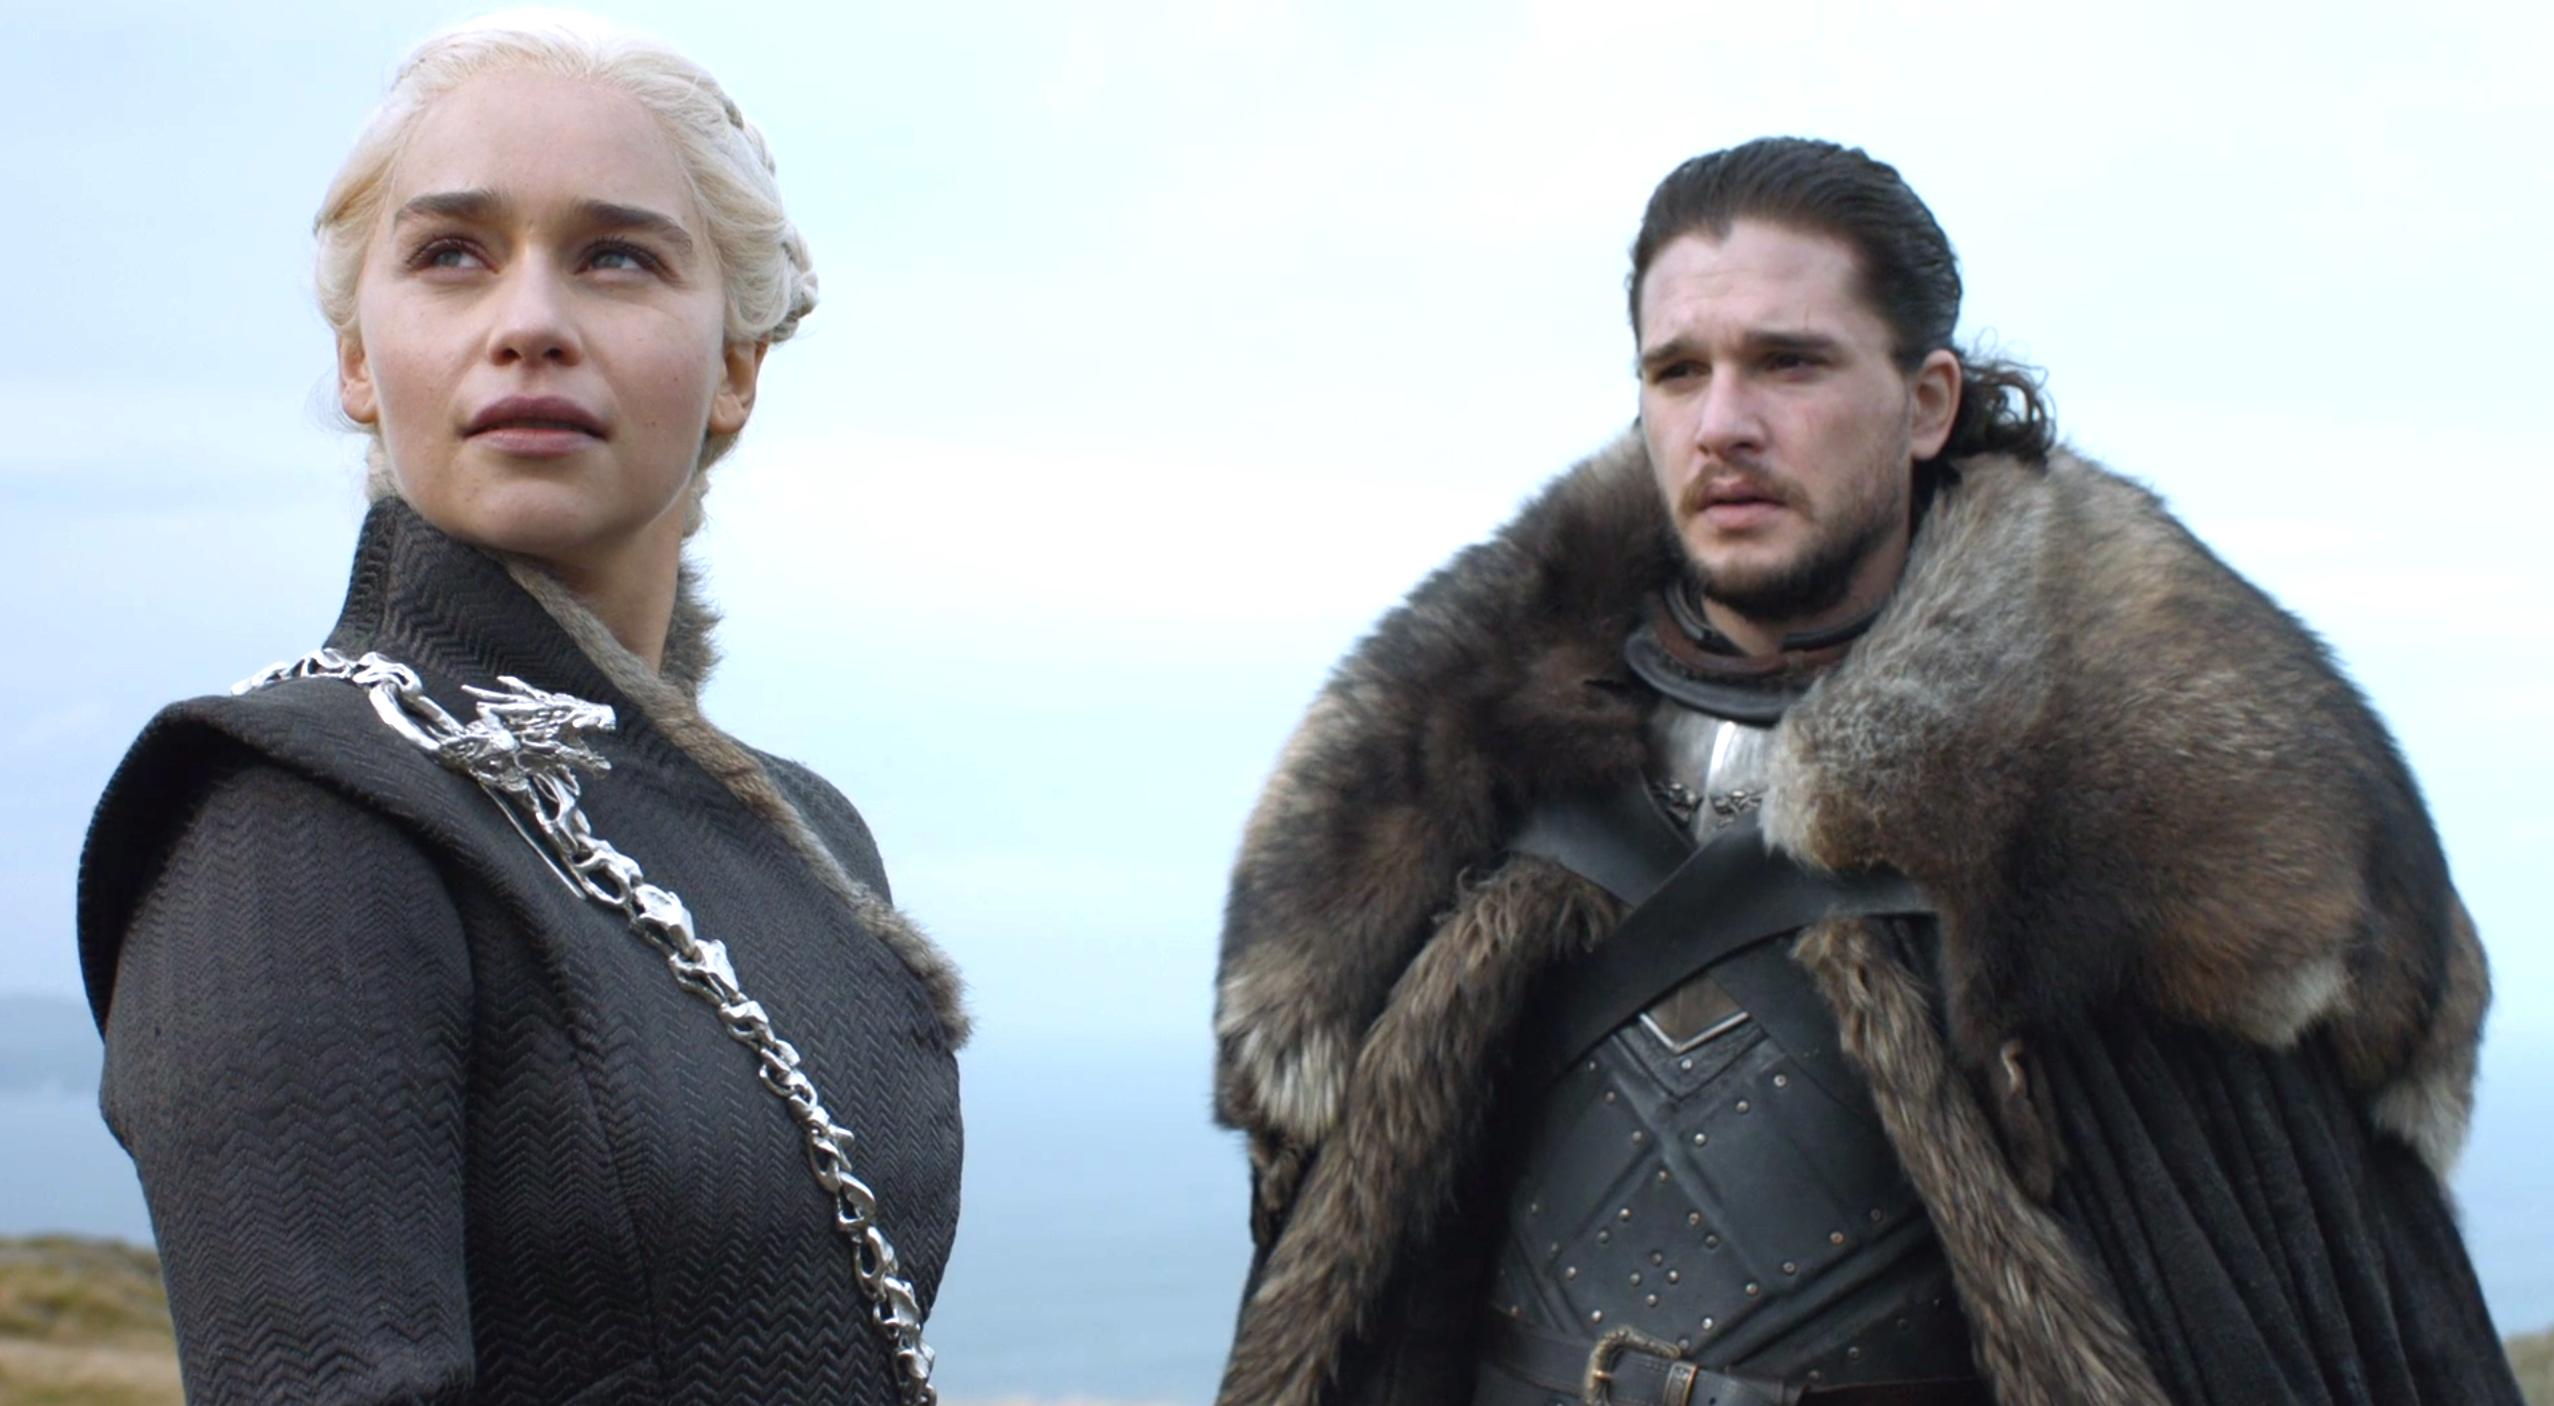 Kit Harington Believes 'Game of Thrones' Ending is Bittersweet